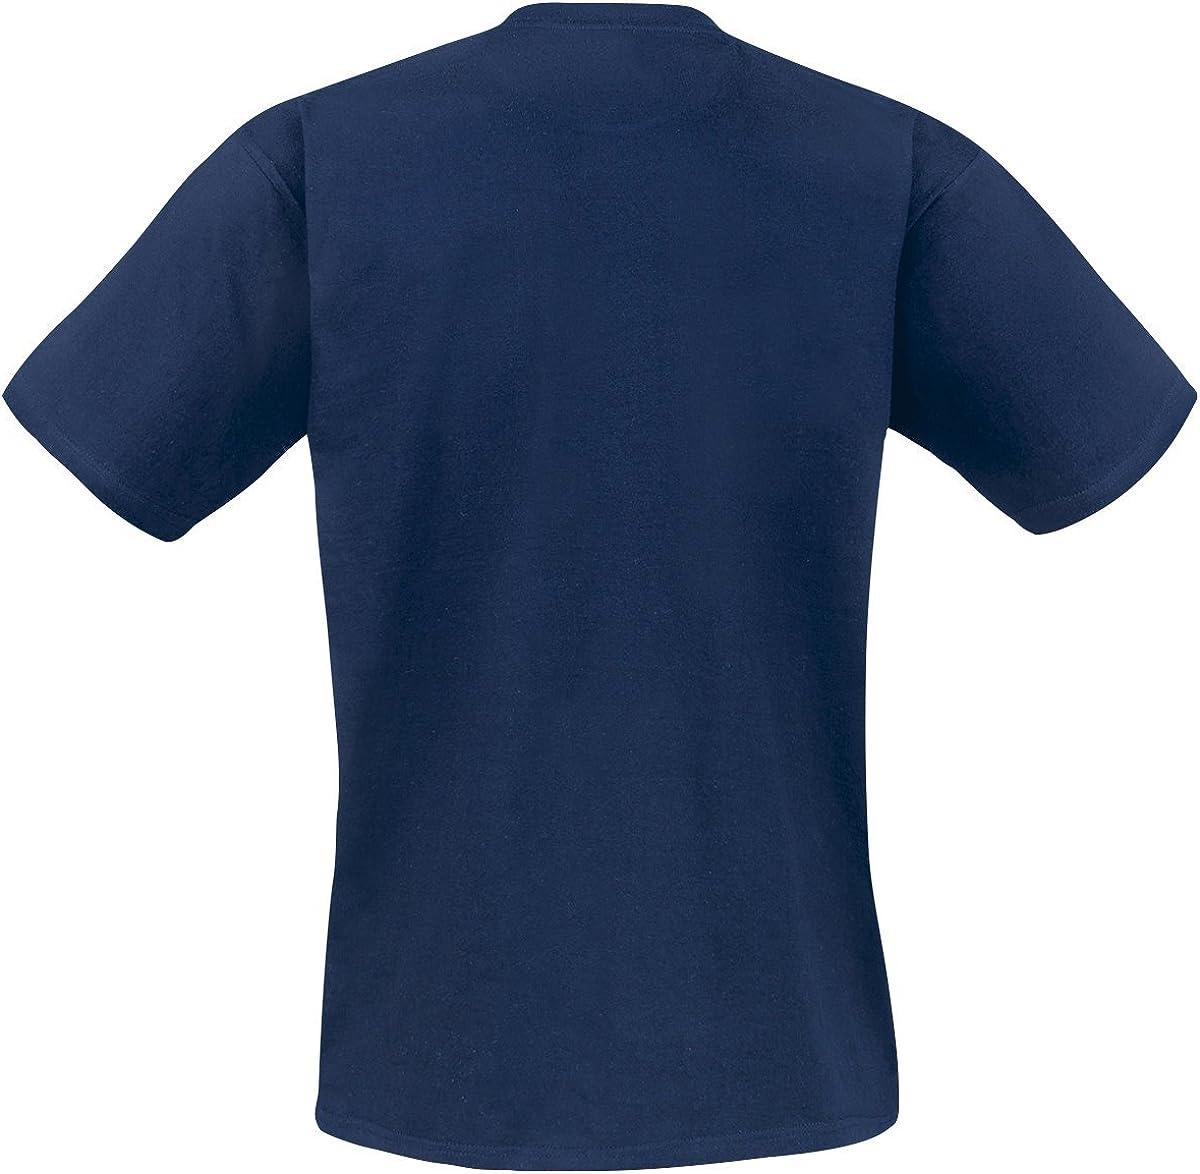 Mixtape Vol 2 Uomo T-Shirt Blu Navy Regular Hasbro Guardiani della Galassia 2